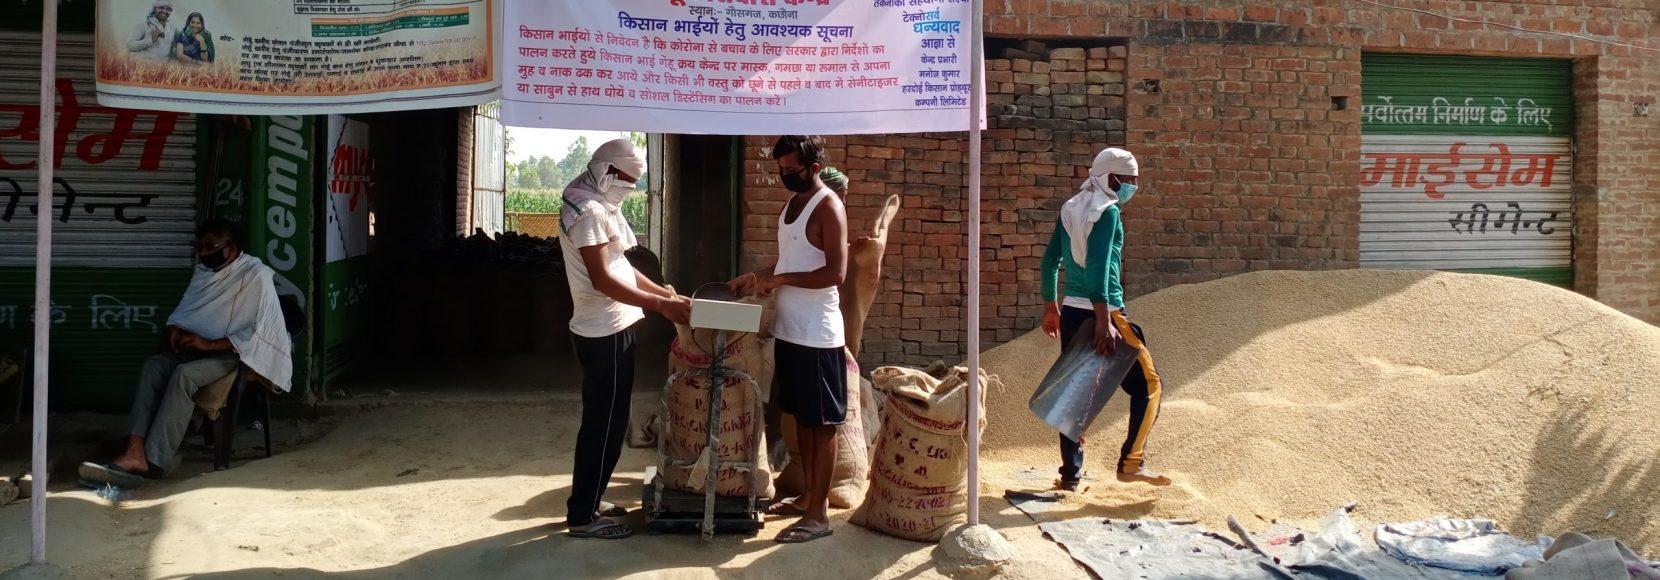 The Hardoi Kisan Producer Company Limited (HKPCL) in Uttar Pradesh, India